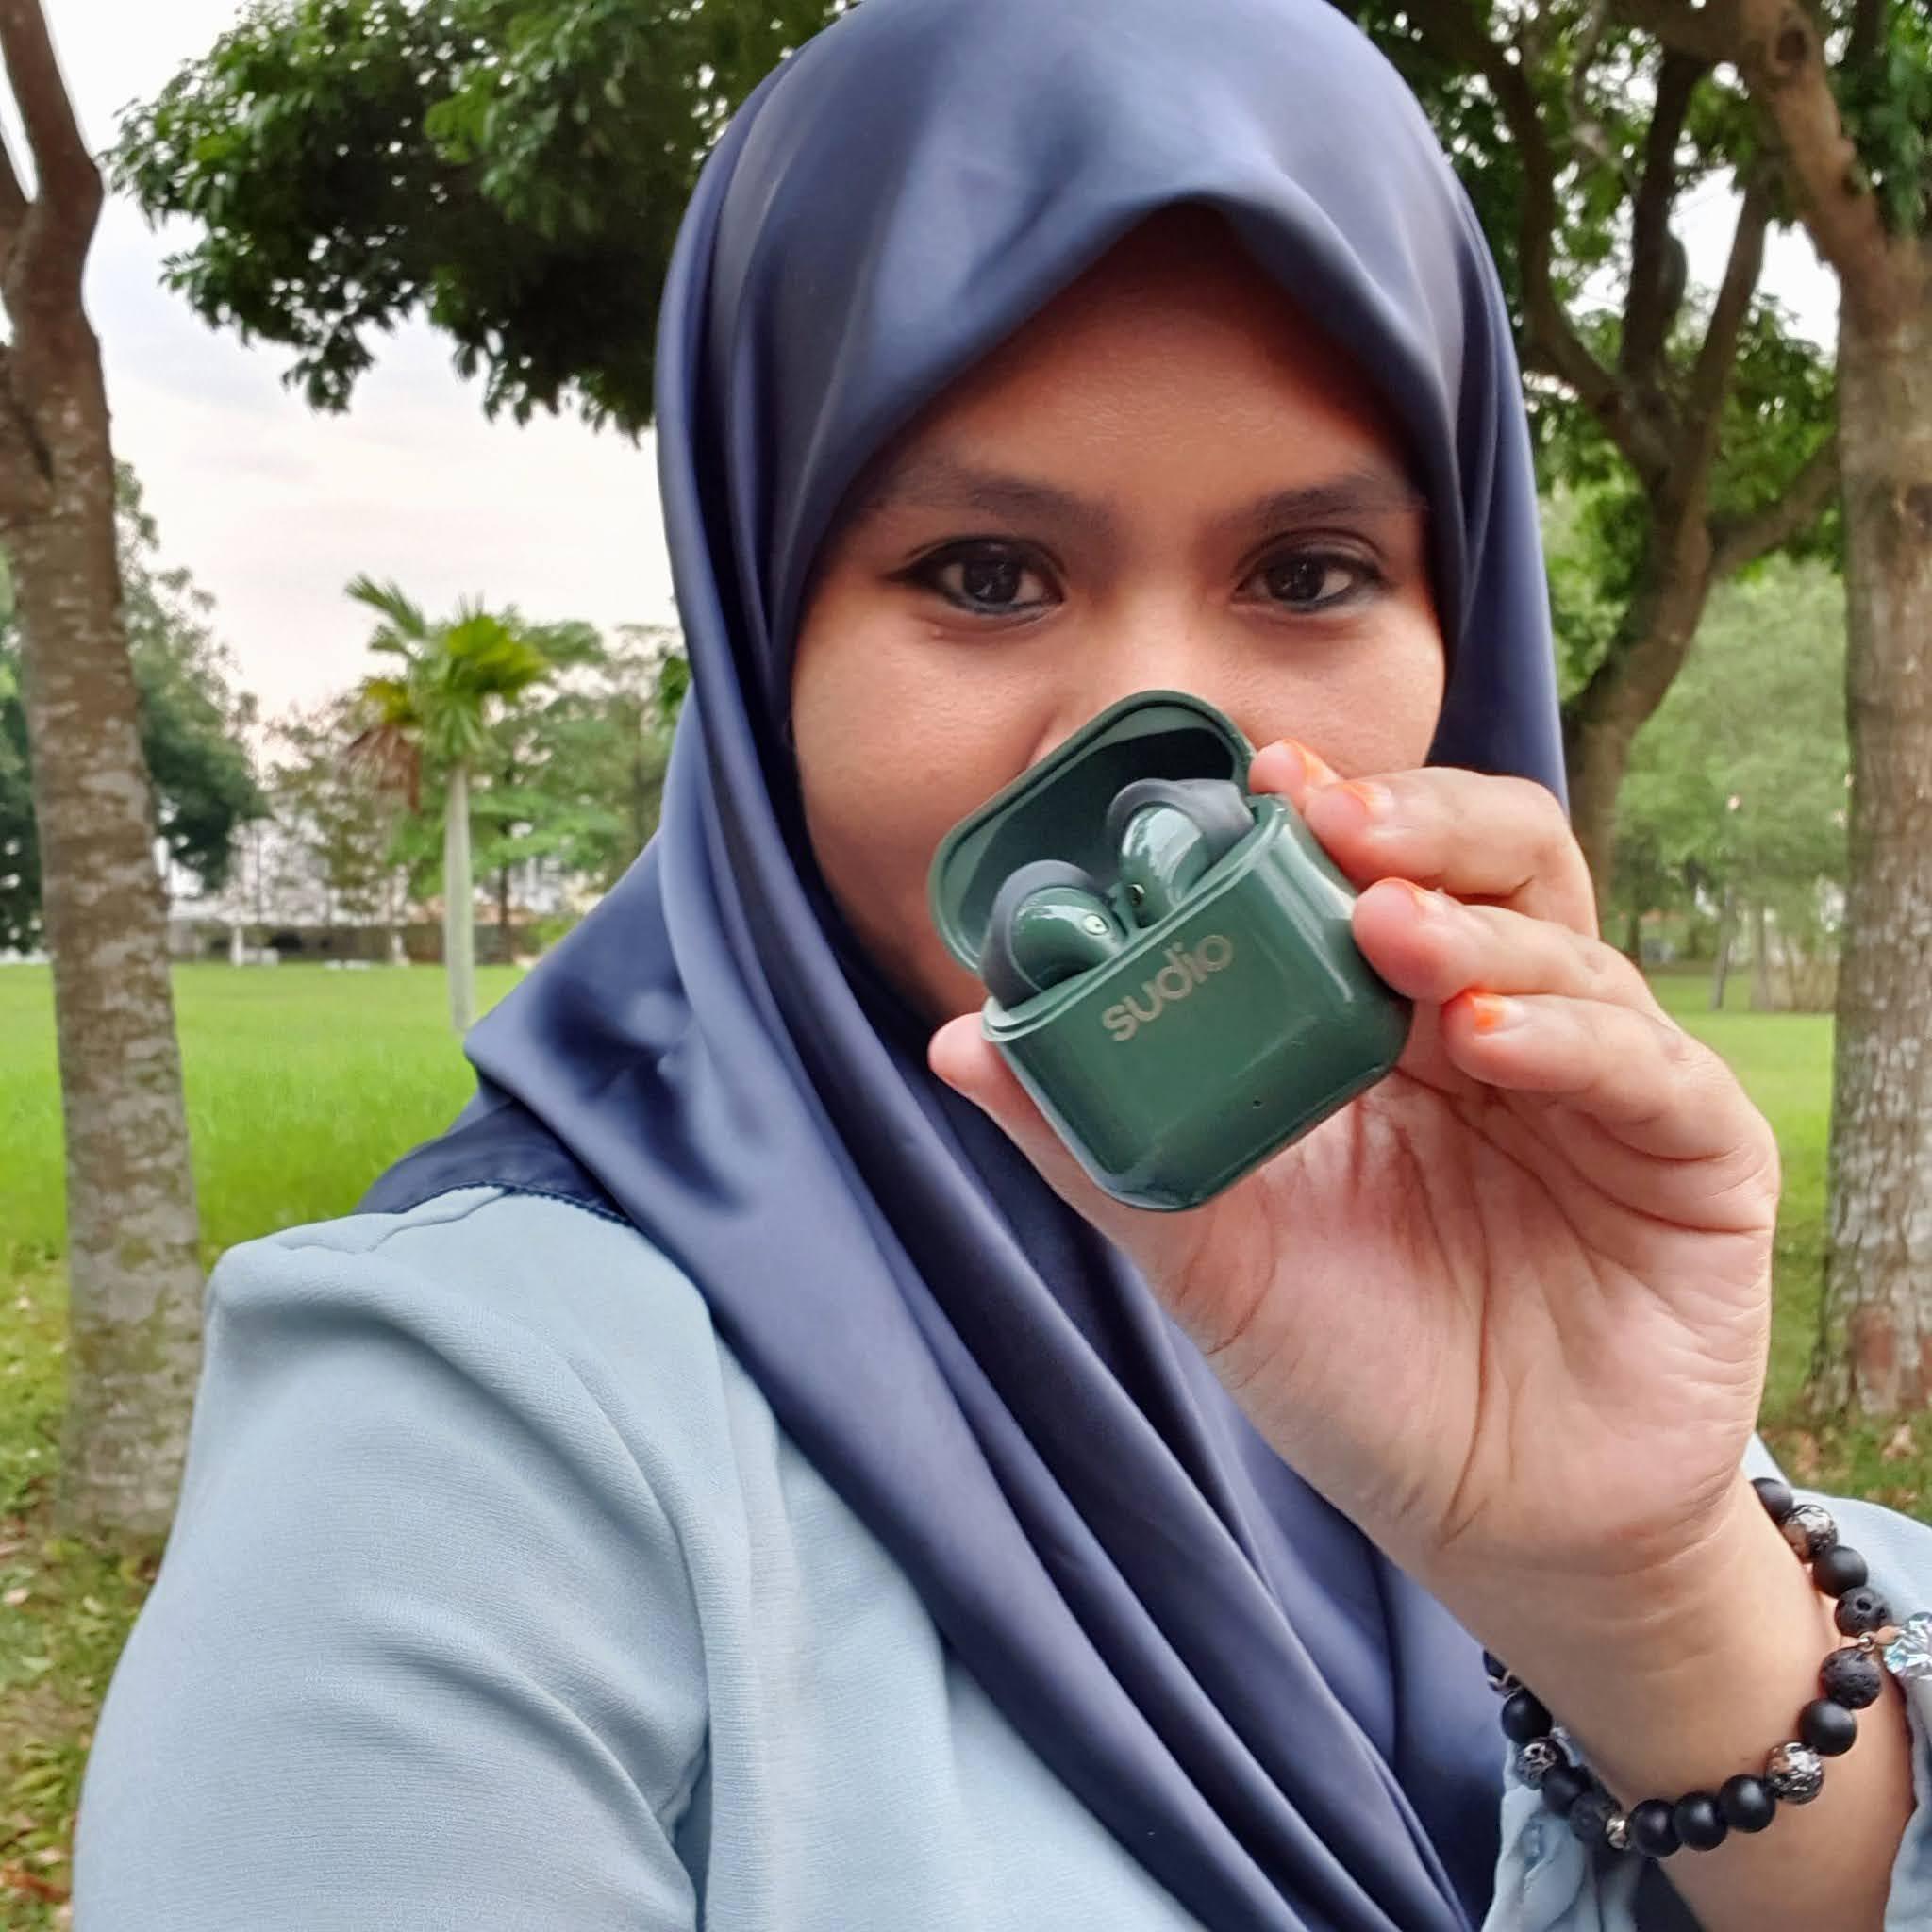 sudio nio, sudio care kit, sudio earphones, sudio review, sudio nio malaysia, sudio malaysia, sudio care kits review, sudio discount,